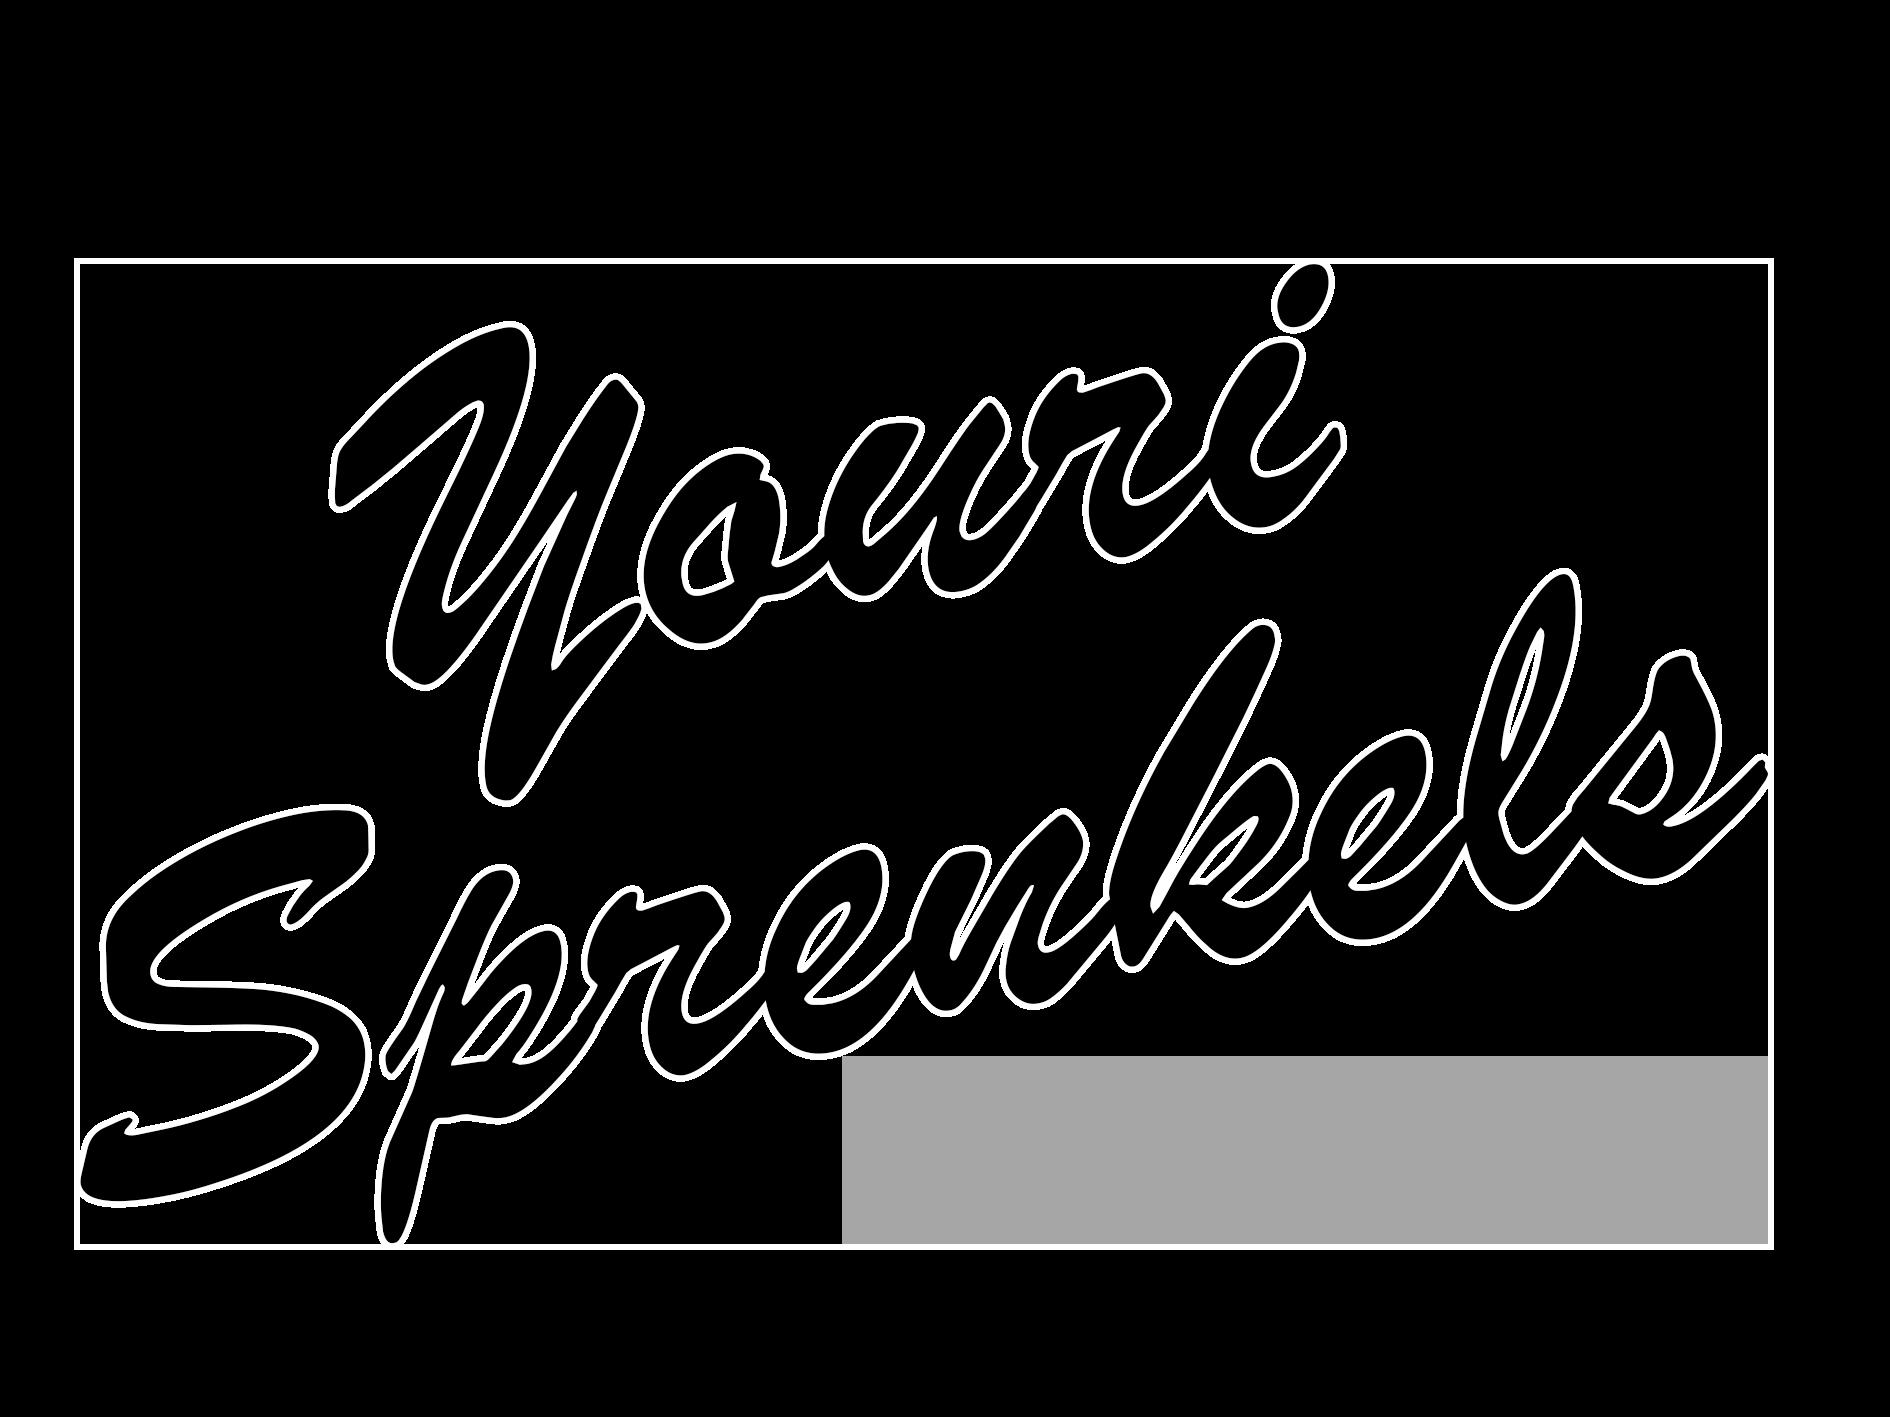 Youri Sprenkels